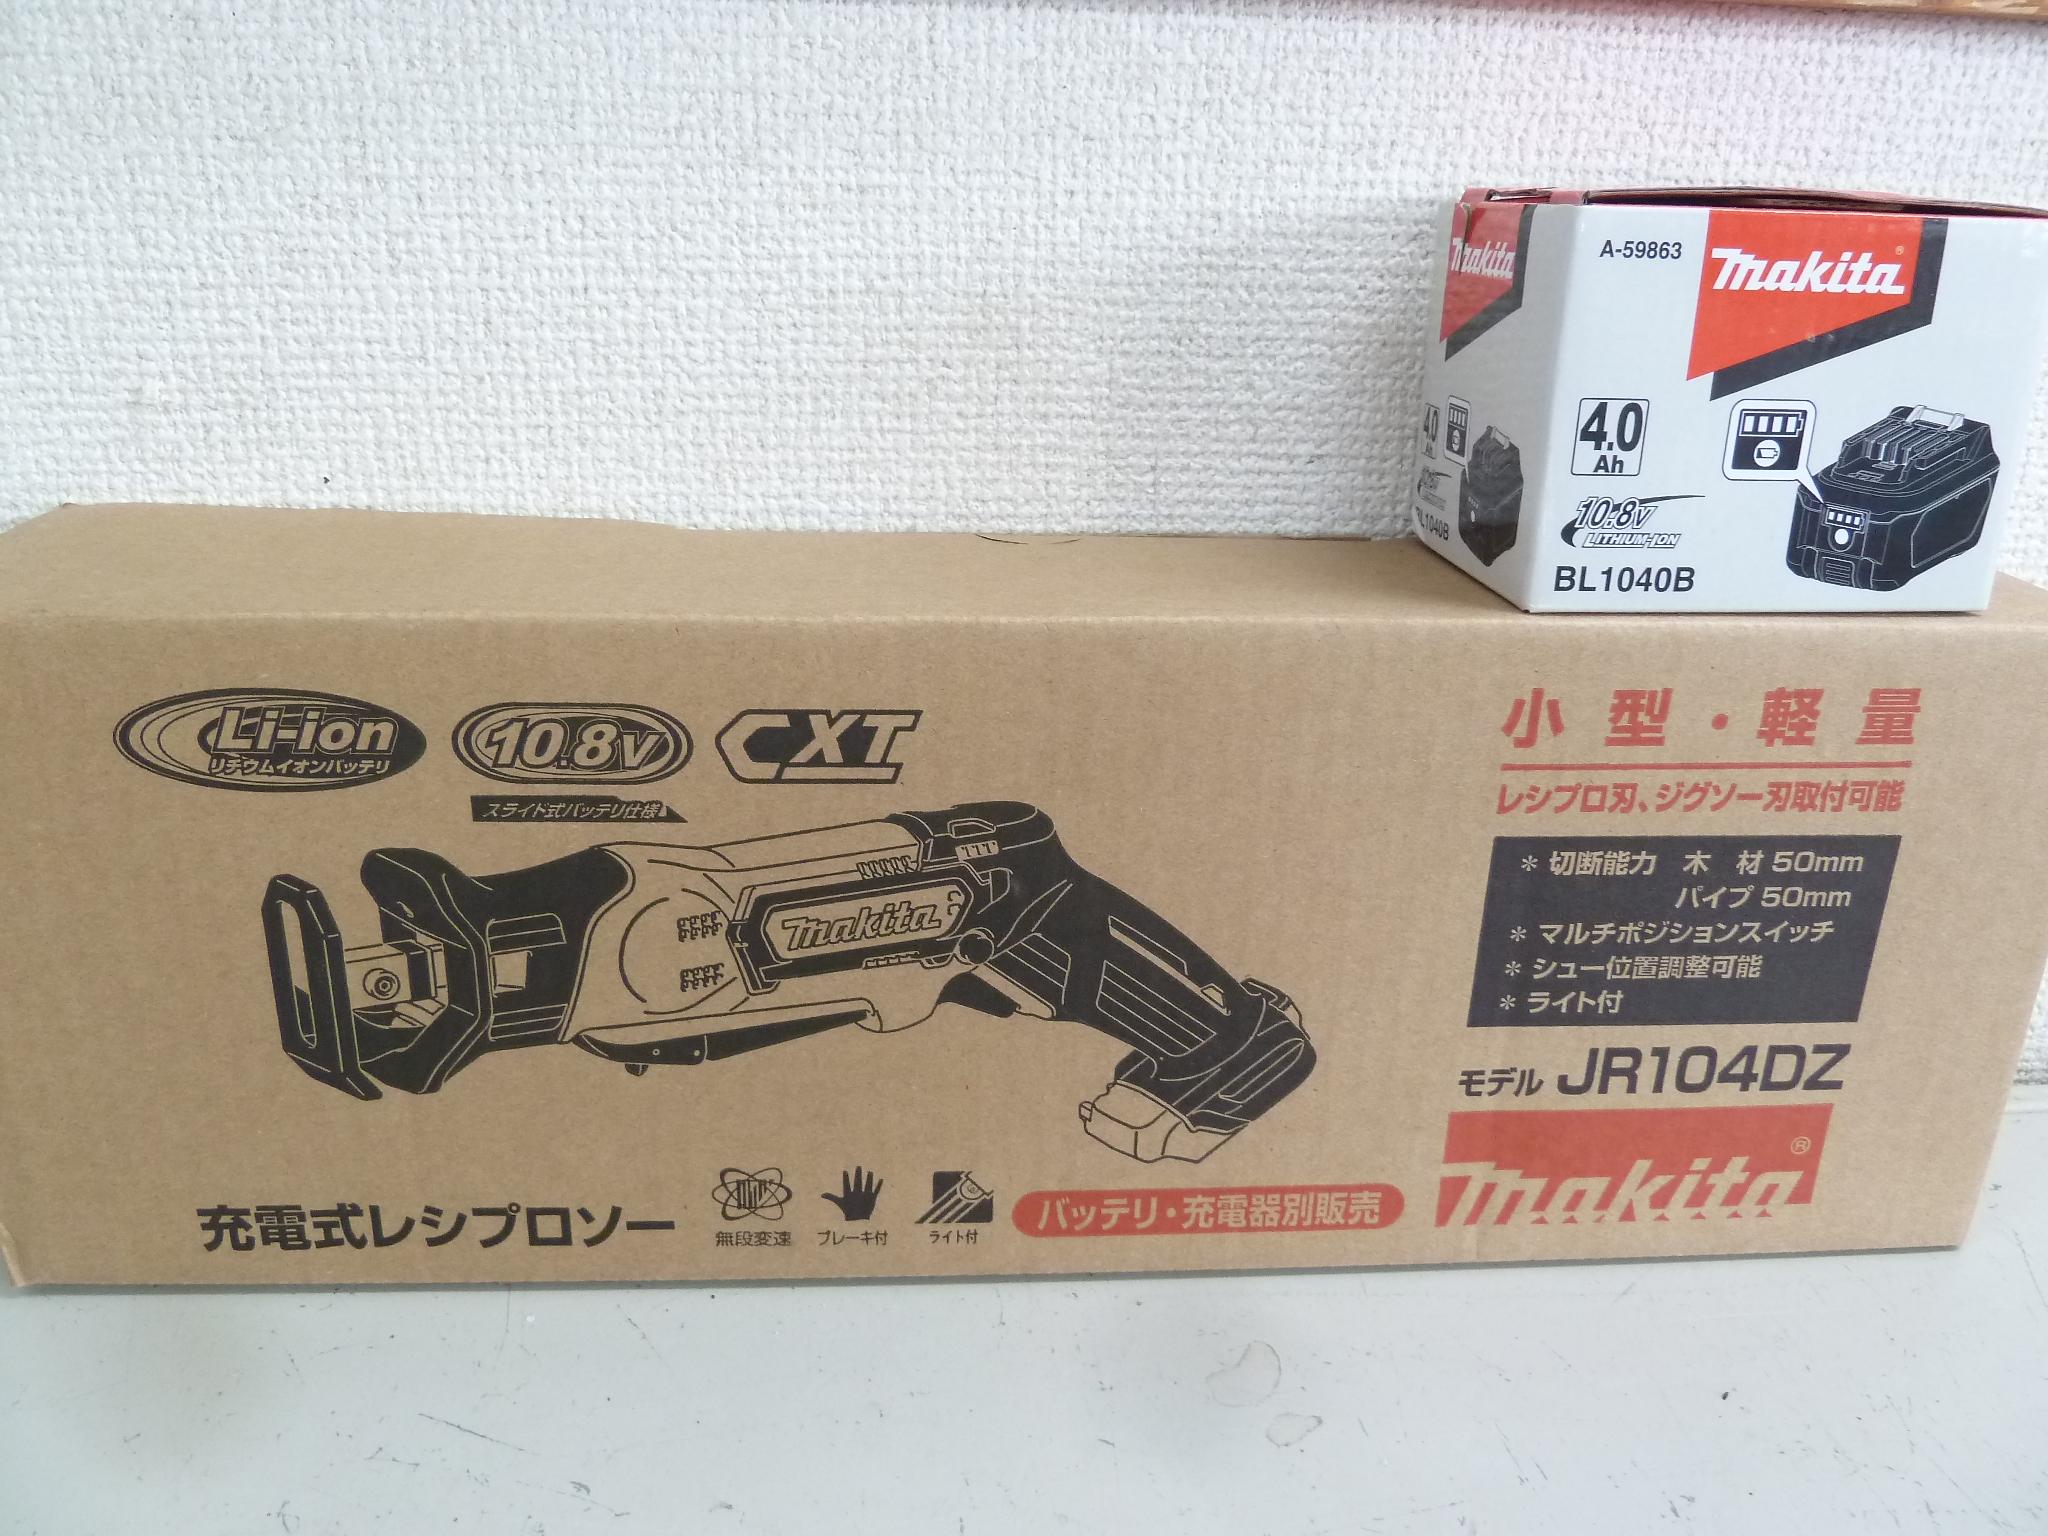 【マキタ】充電式レシプロソー JR104DZ 本体のみ 10.8V対応を買い取りしました!岡山店